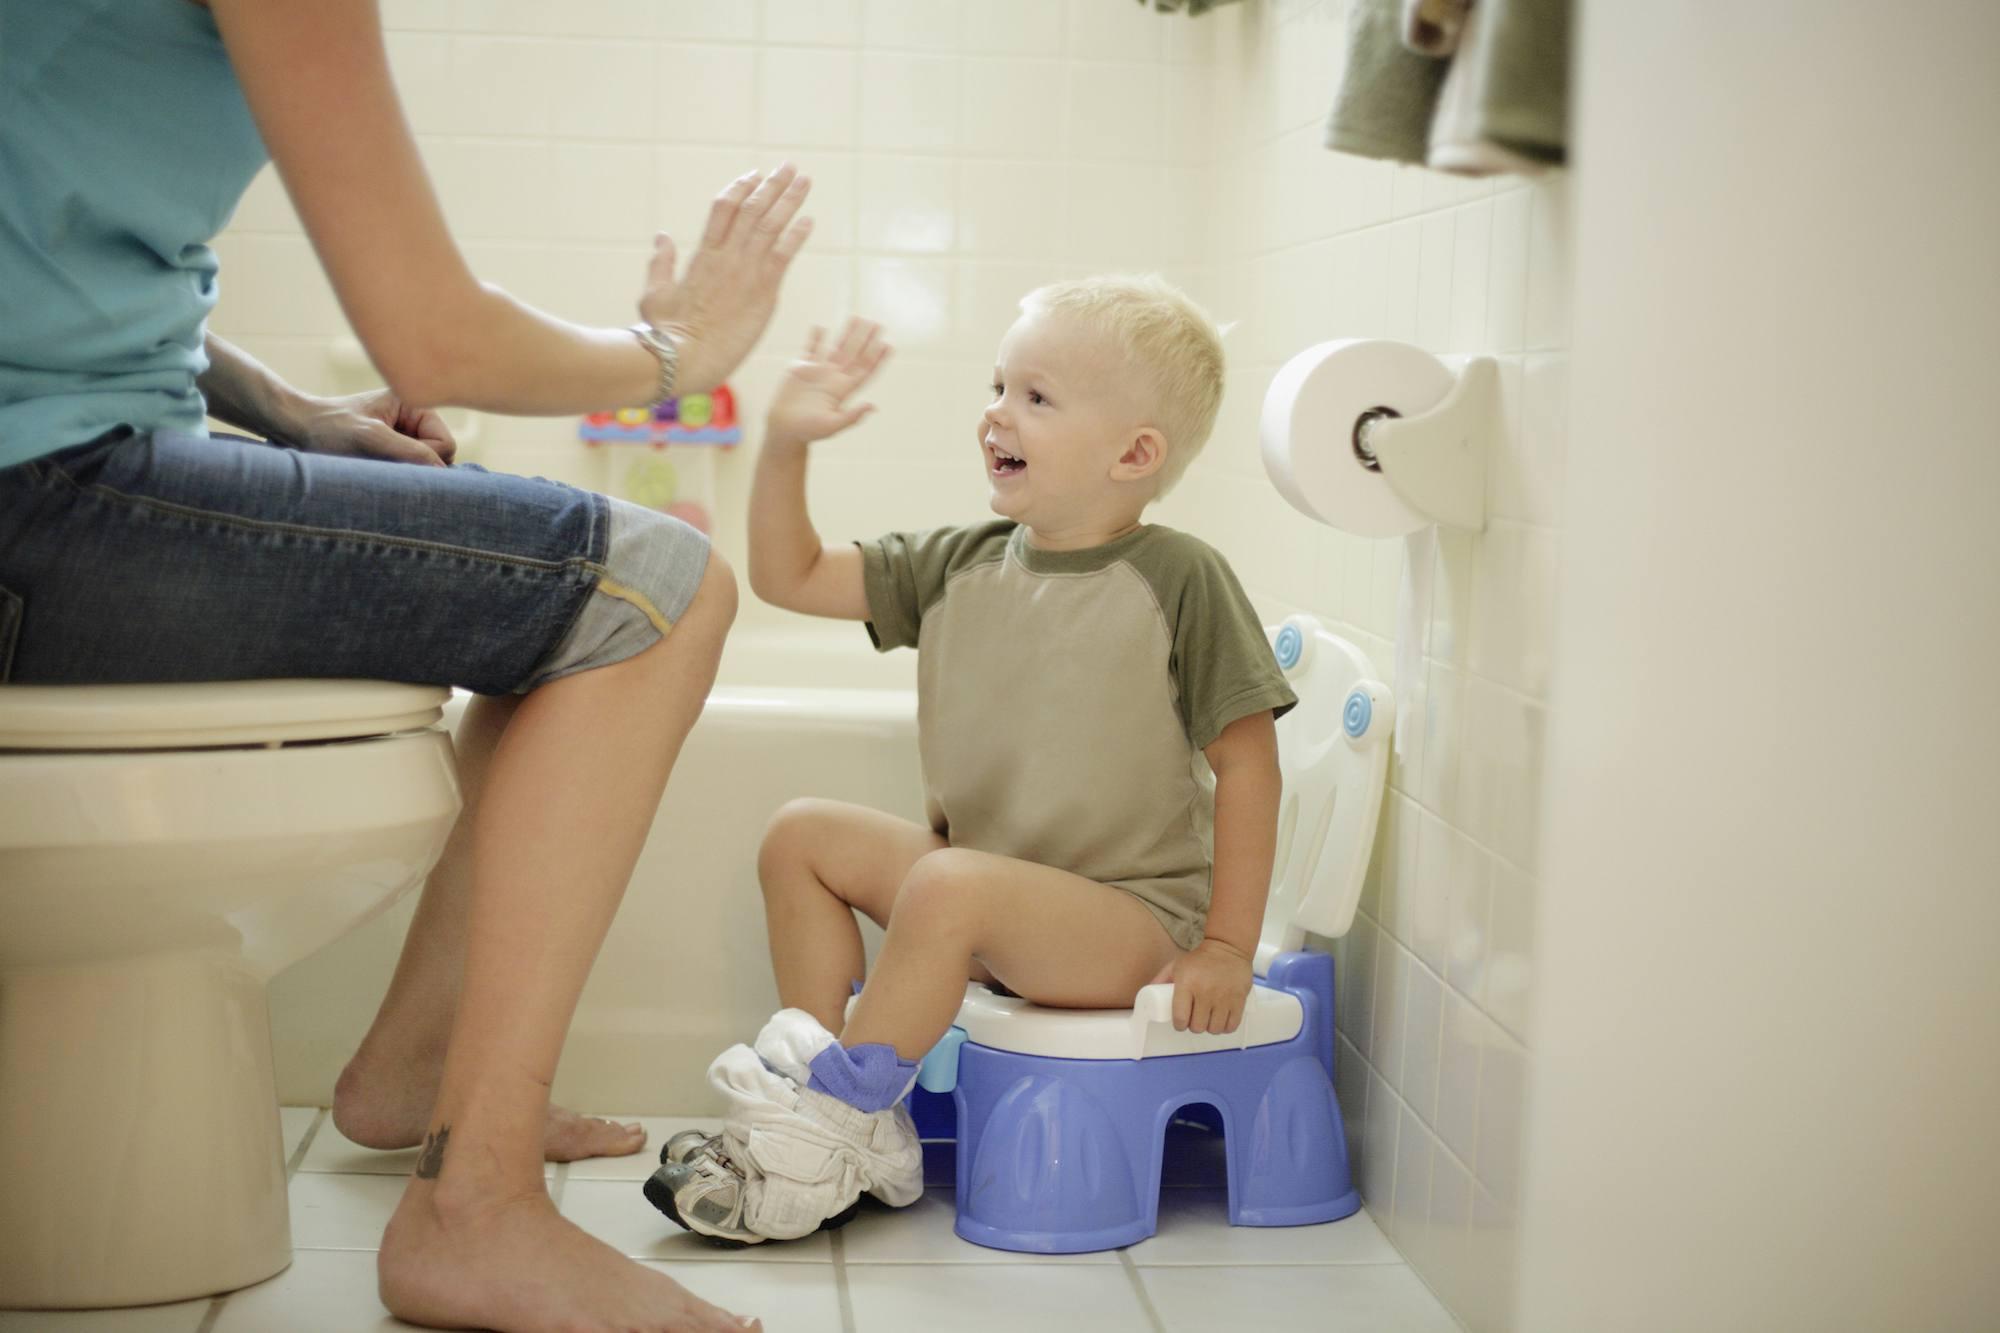 Sitting Toilet Toilet Training White Stock Photos